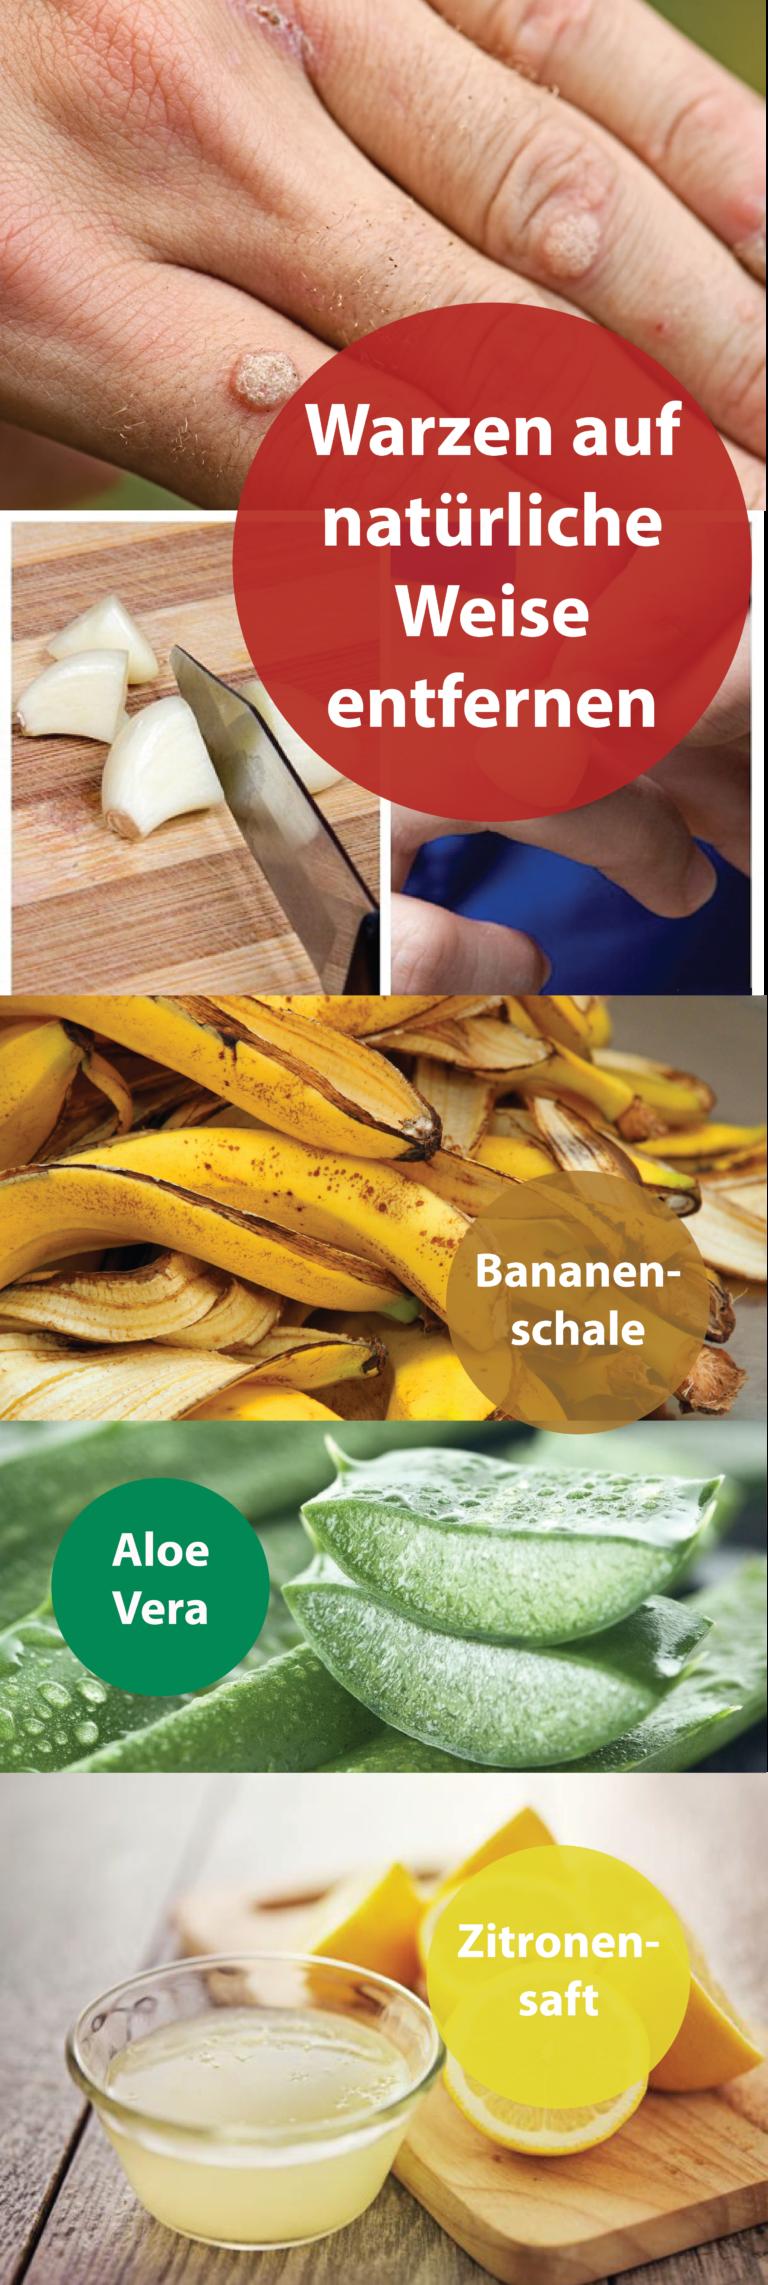 Pin On Gesundheit